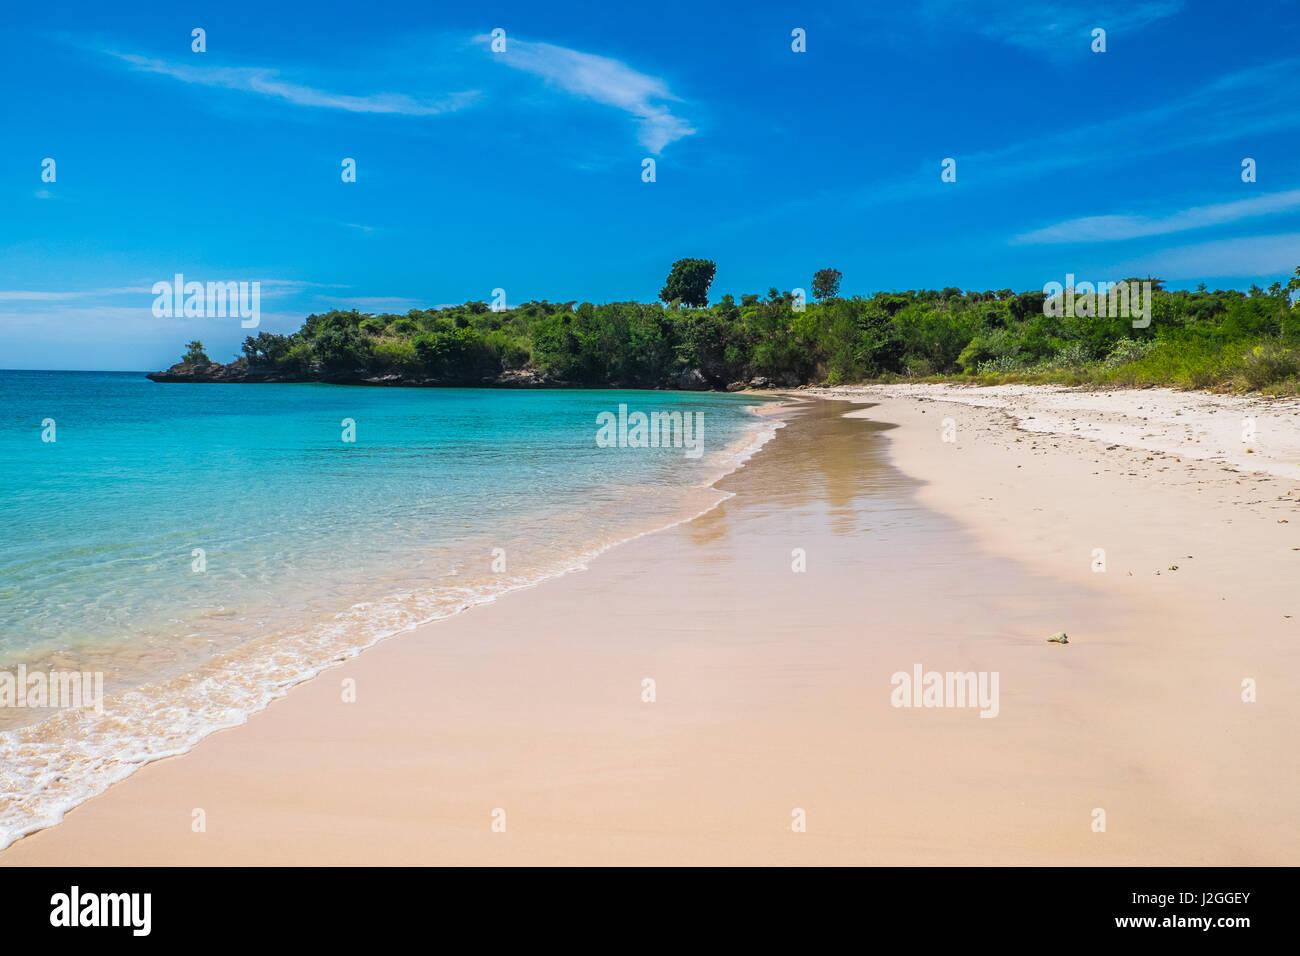 Exotischen Strand in einigen abgelegenen Inseln vor Lombok Indonesien. Stockbild